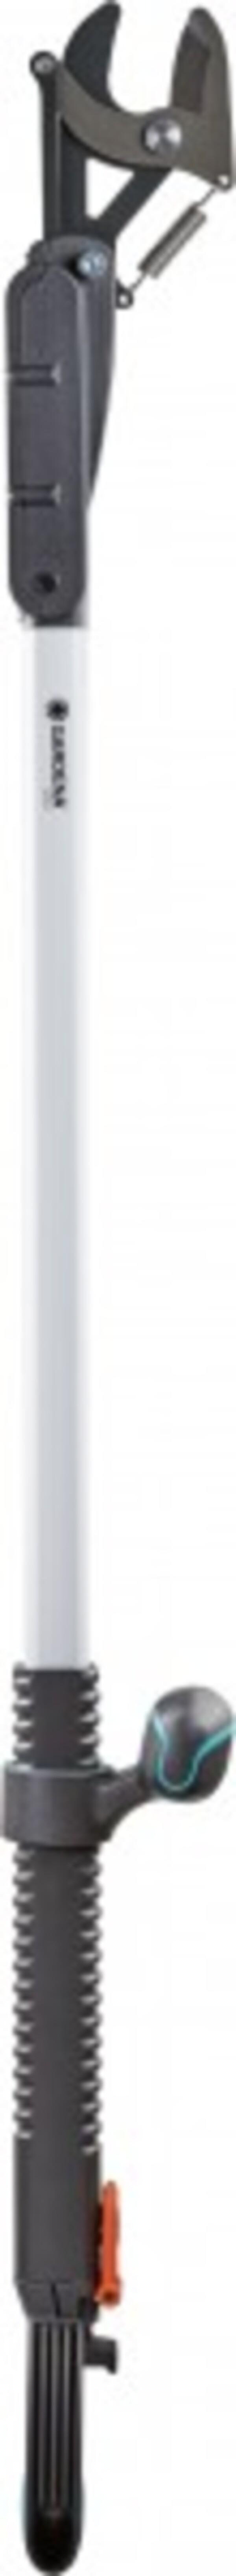 Gardena Astschere SlimCut ,  bis zu Ø 28 mm Schnittstärke, 12010-20